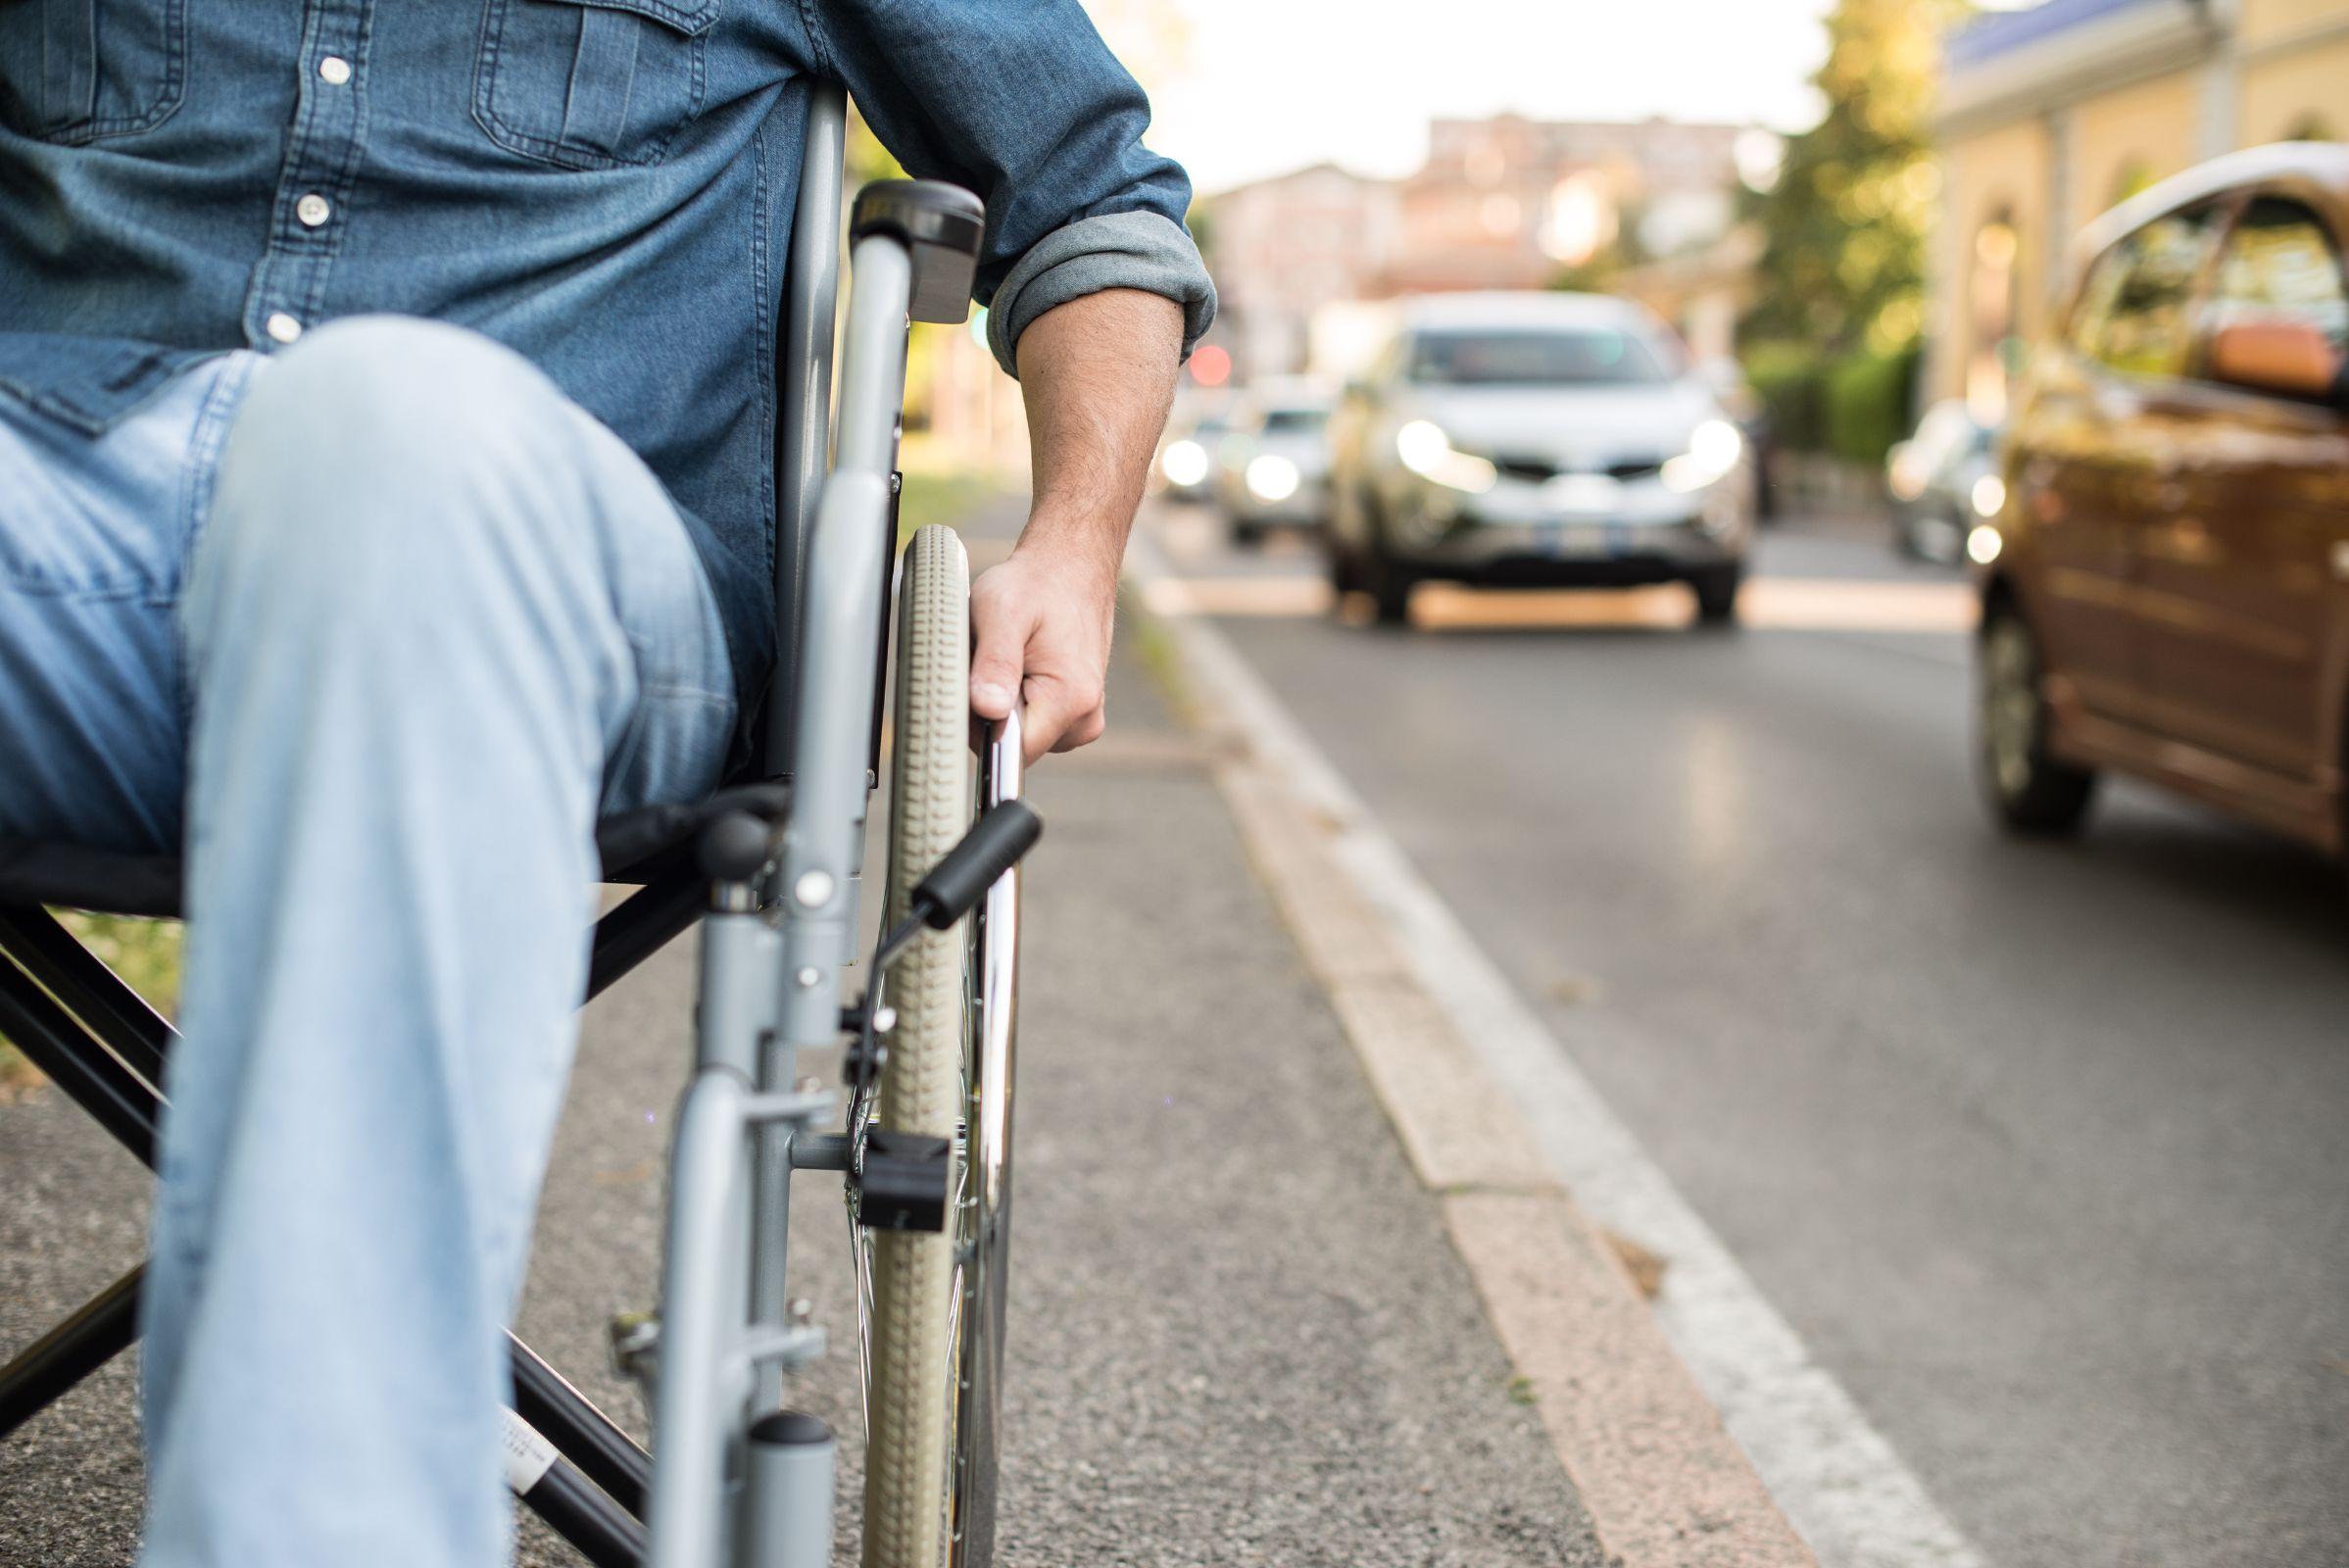 pessoas com deficiencia pcd shutterstock 3